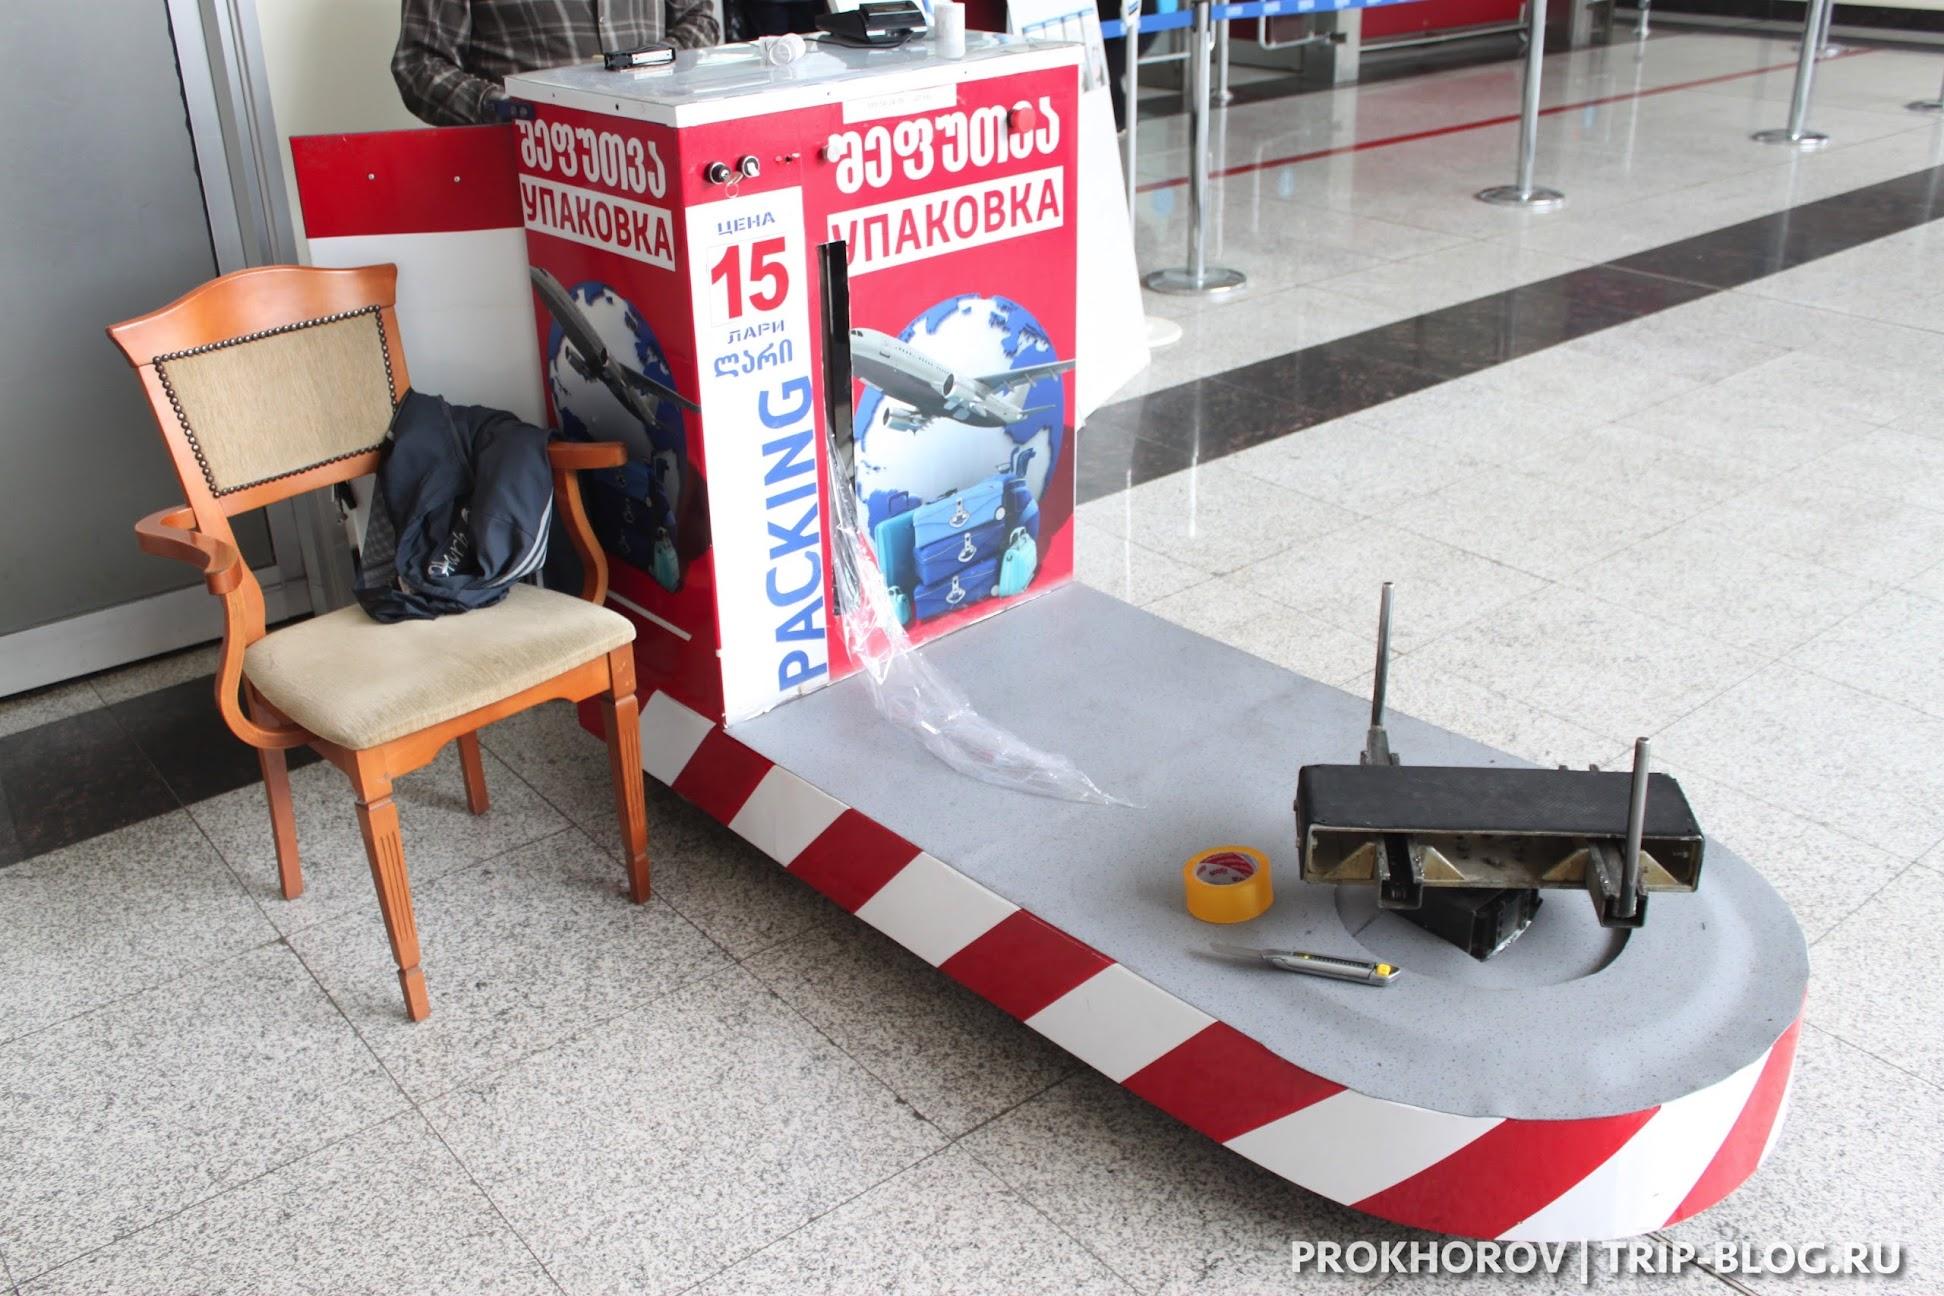 аэропорт батуми фото